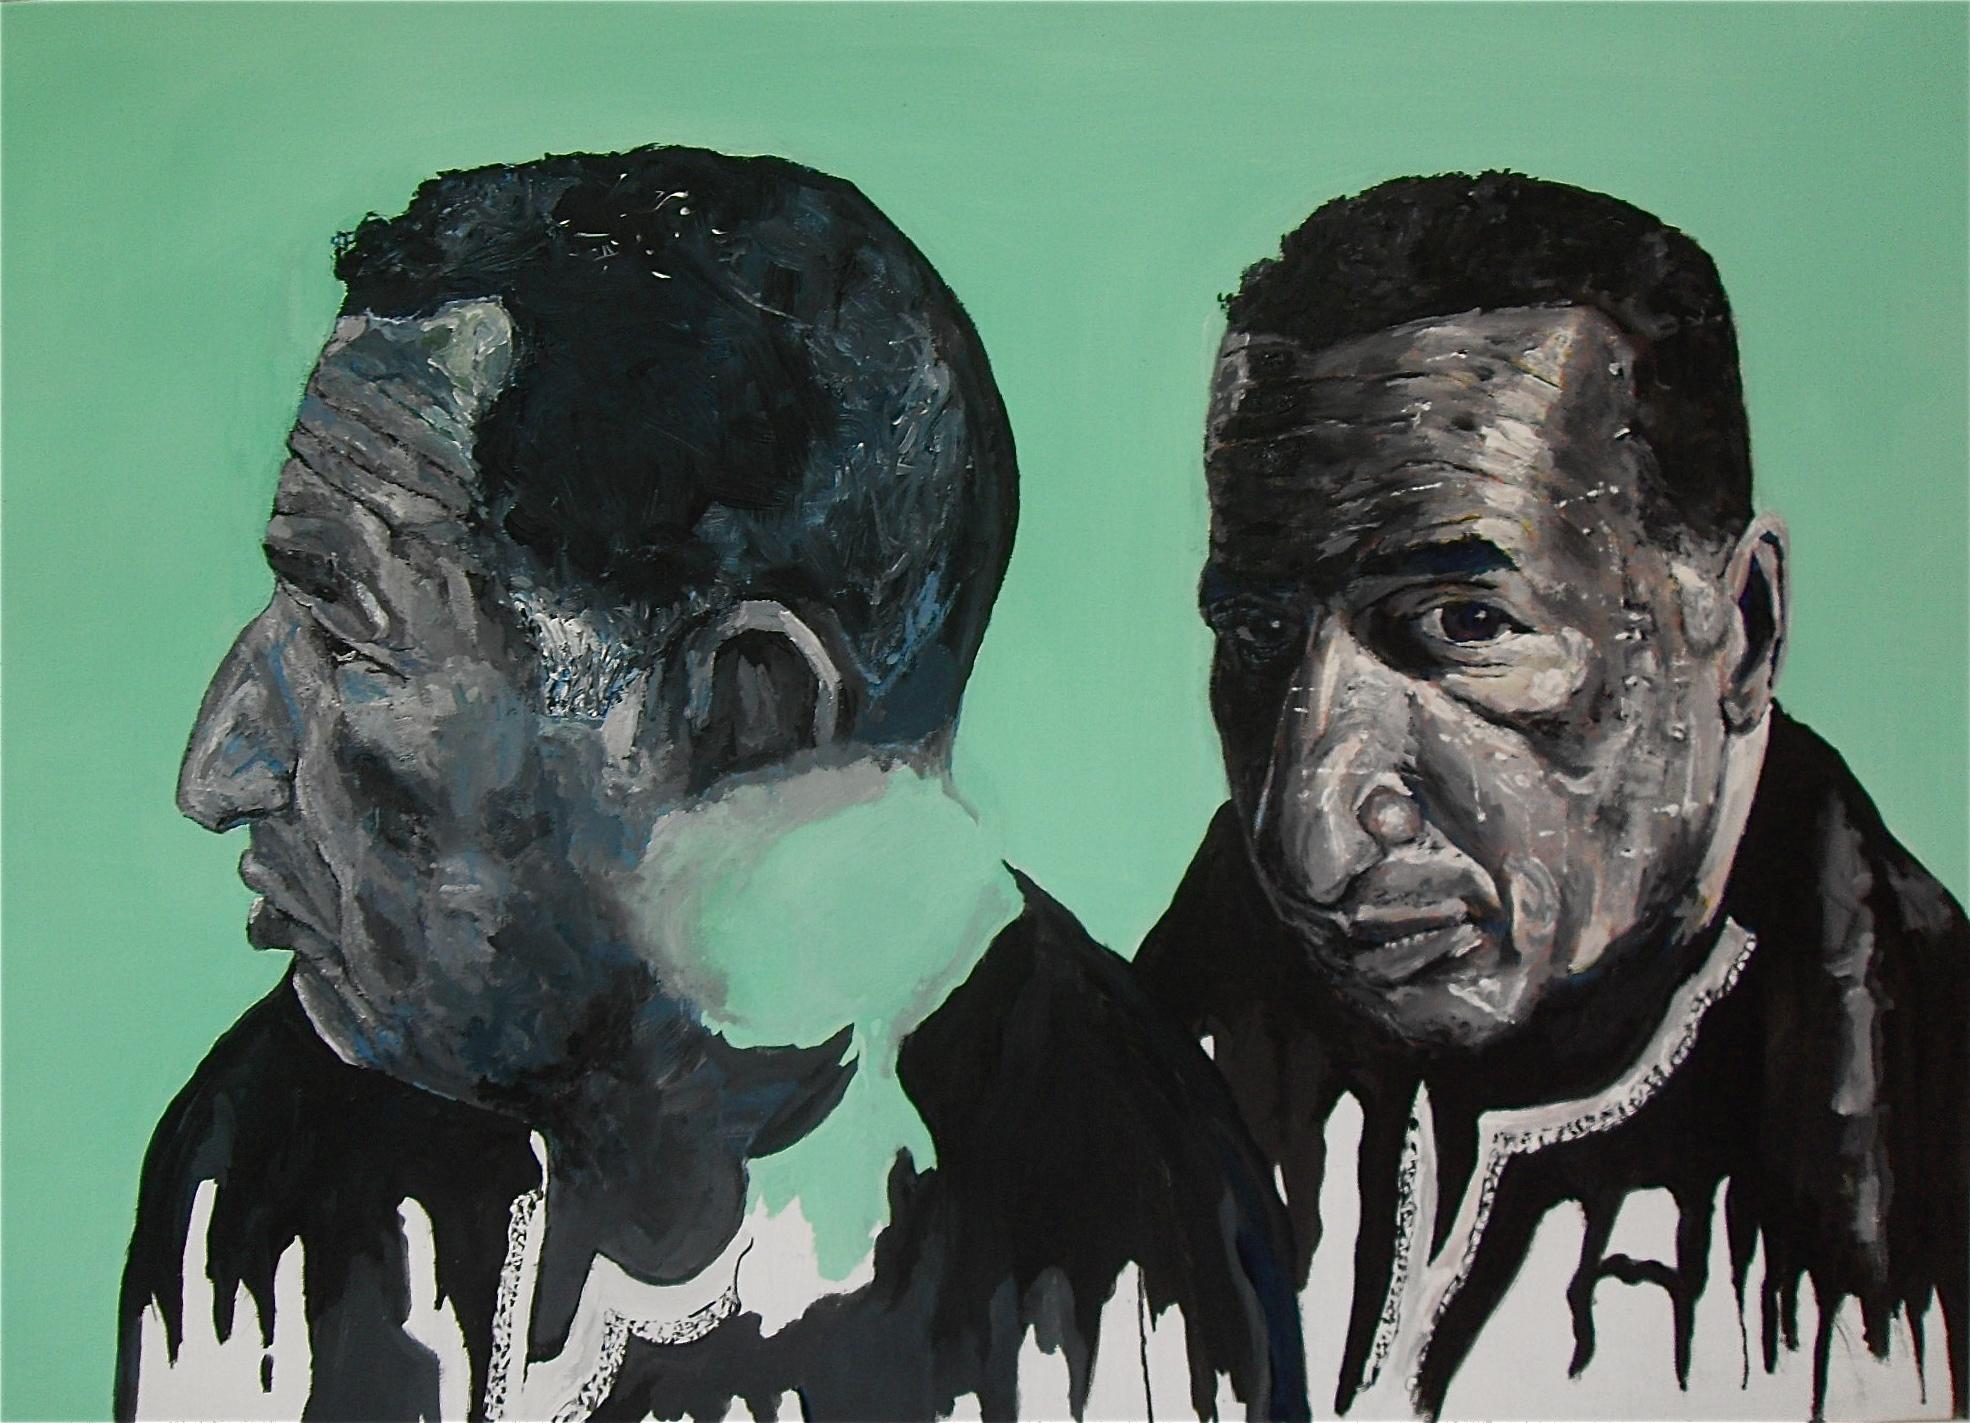 Deux portraits à l'huile sur toile de Mustapha Chaouche. Trois quart face et profil sur fond vert. 76 x 152 cm